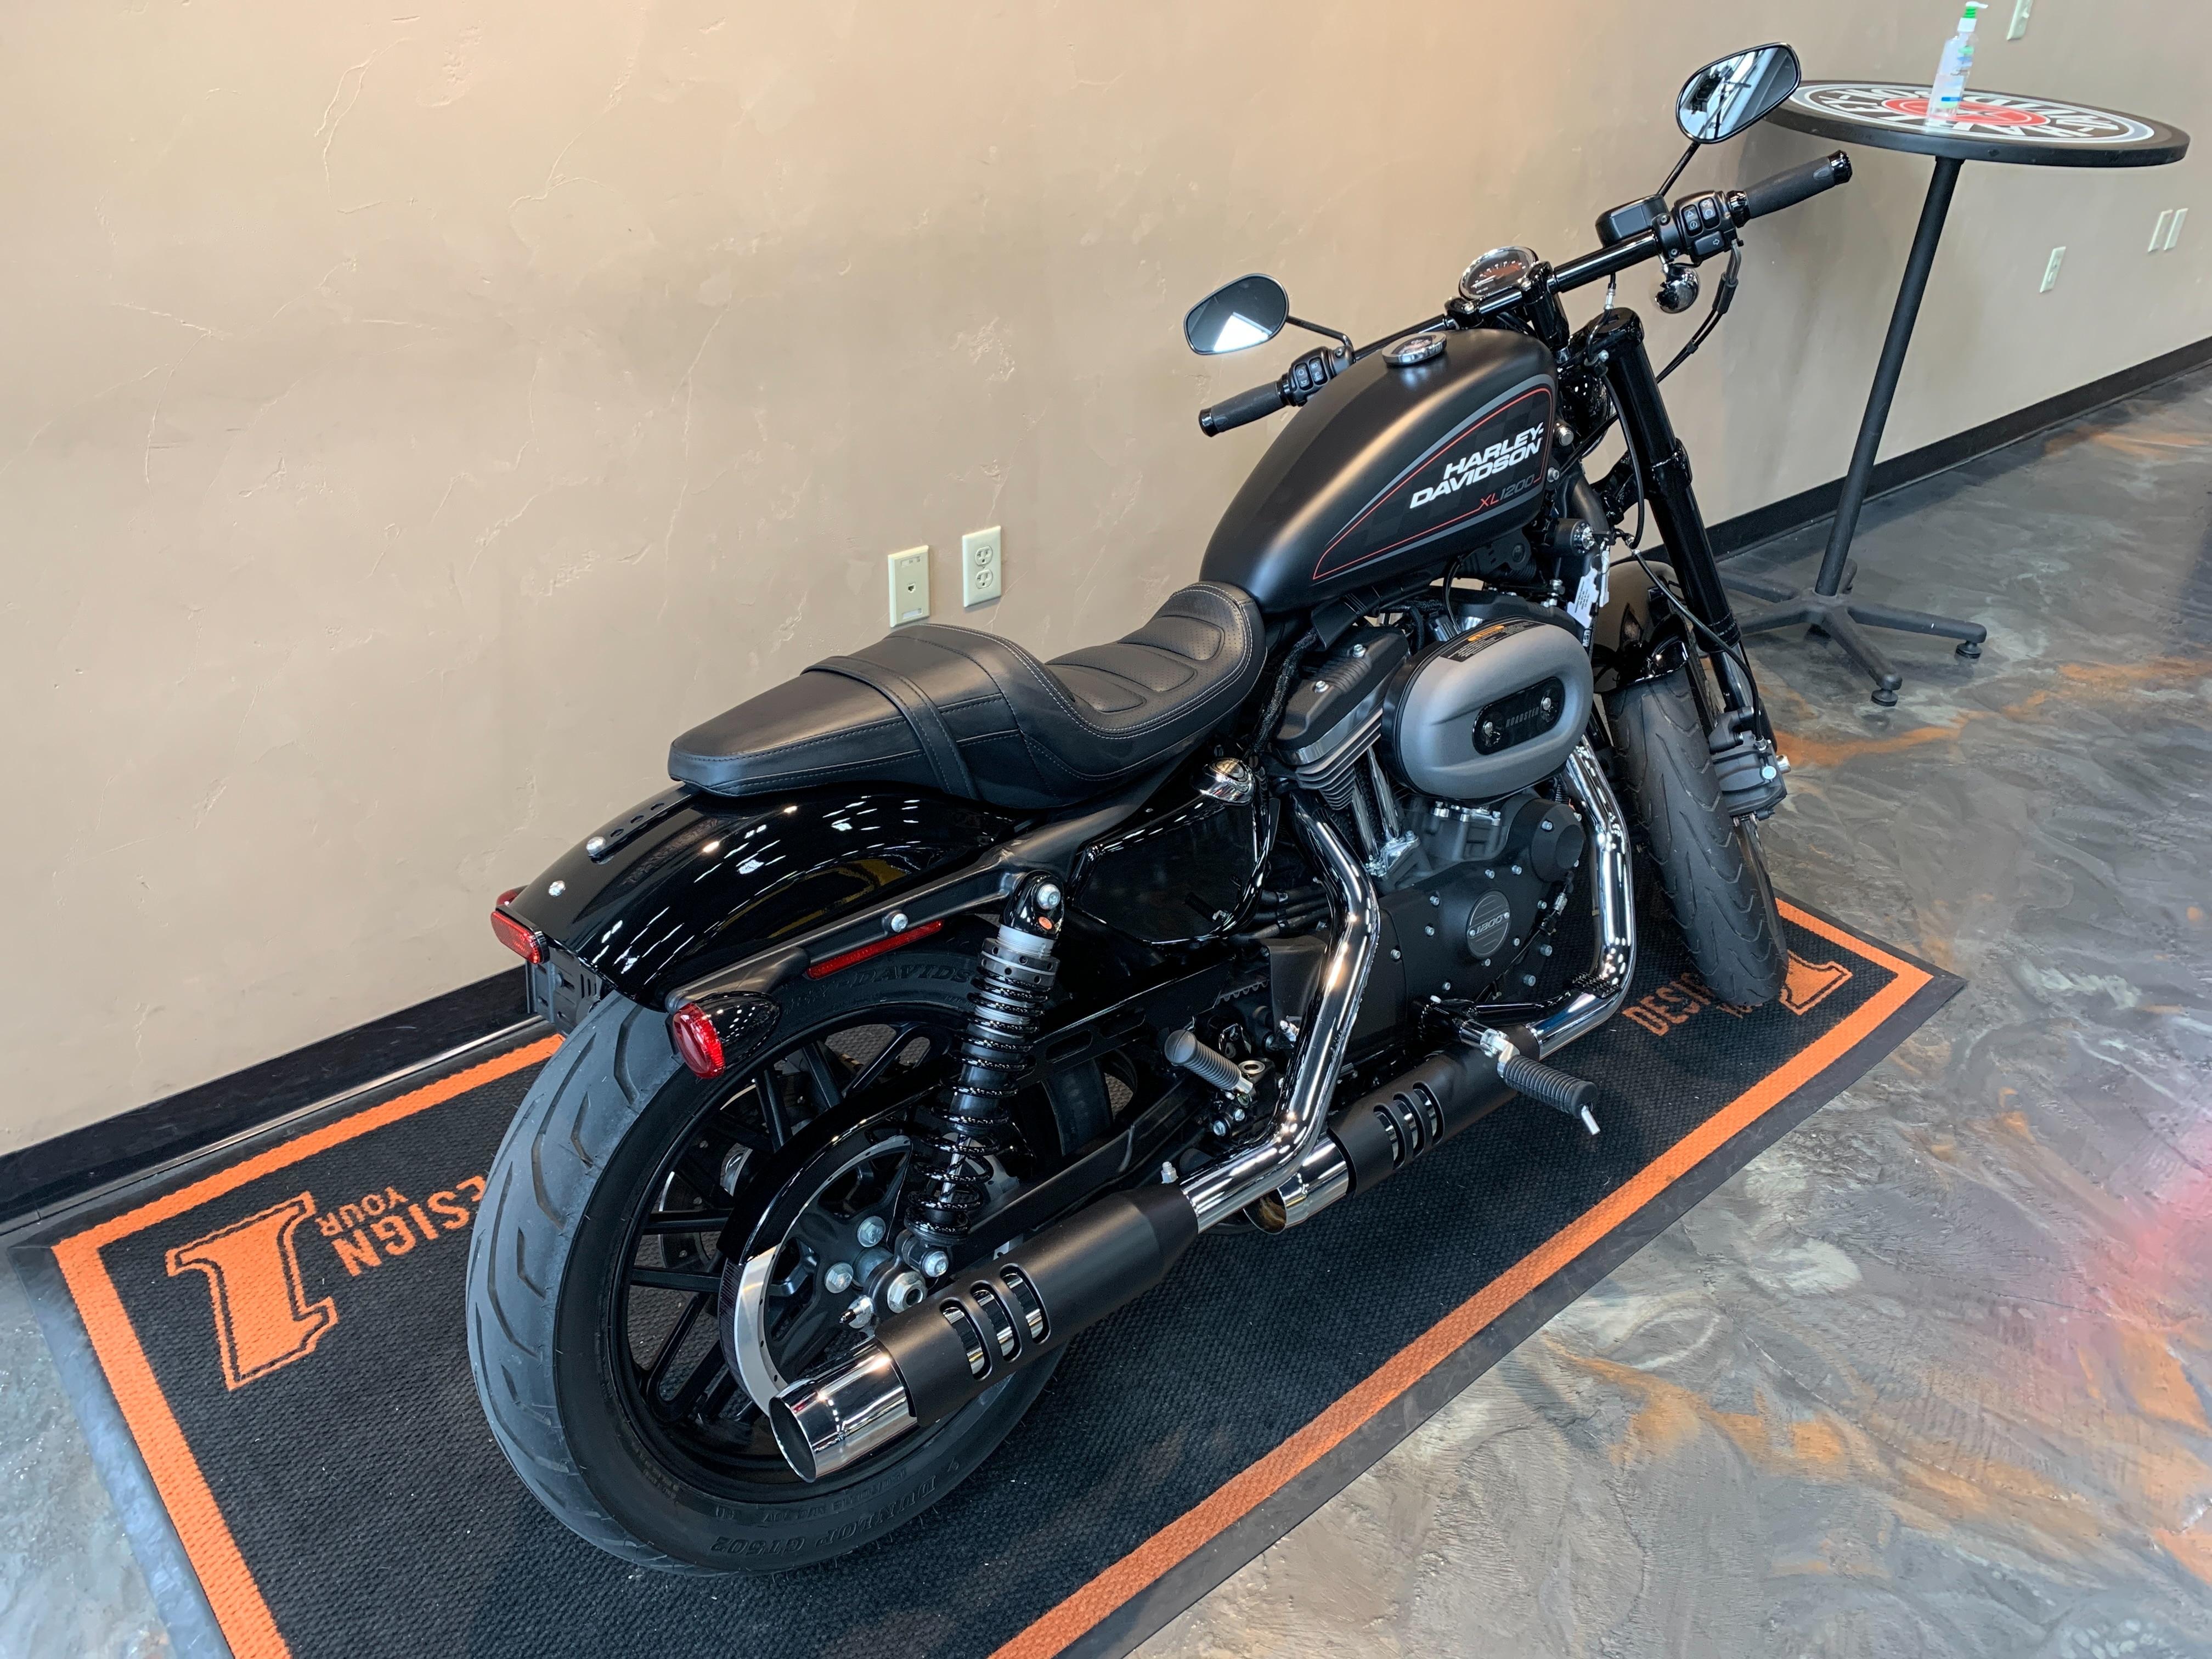 2020 Harley-Davidson Sportster Roadster at Vandervest Harley-Davidson, Green Bay, WI 54303